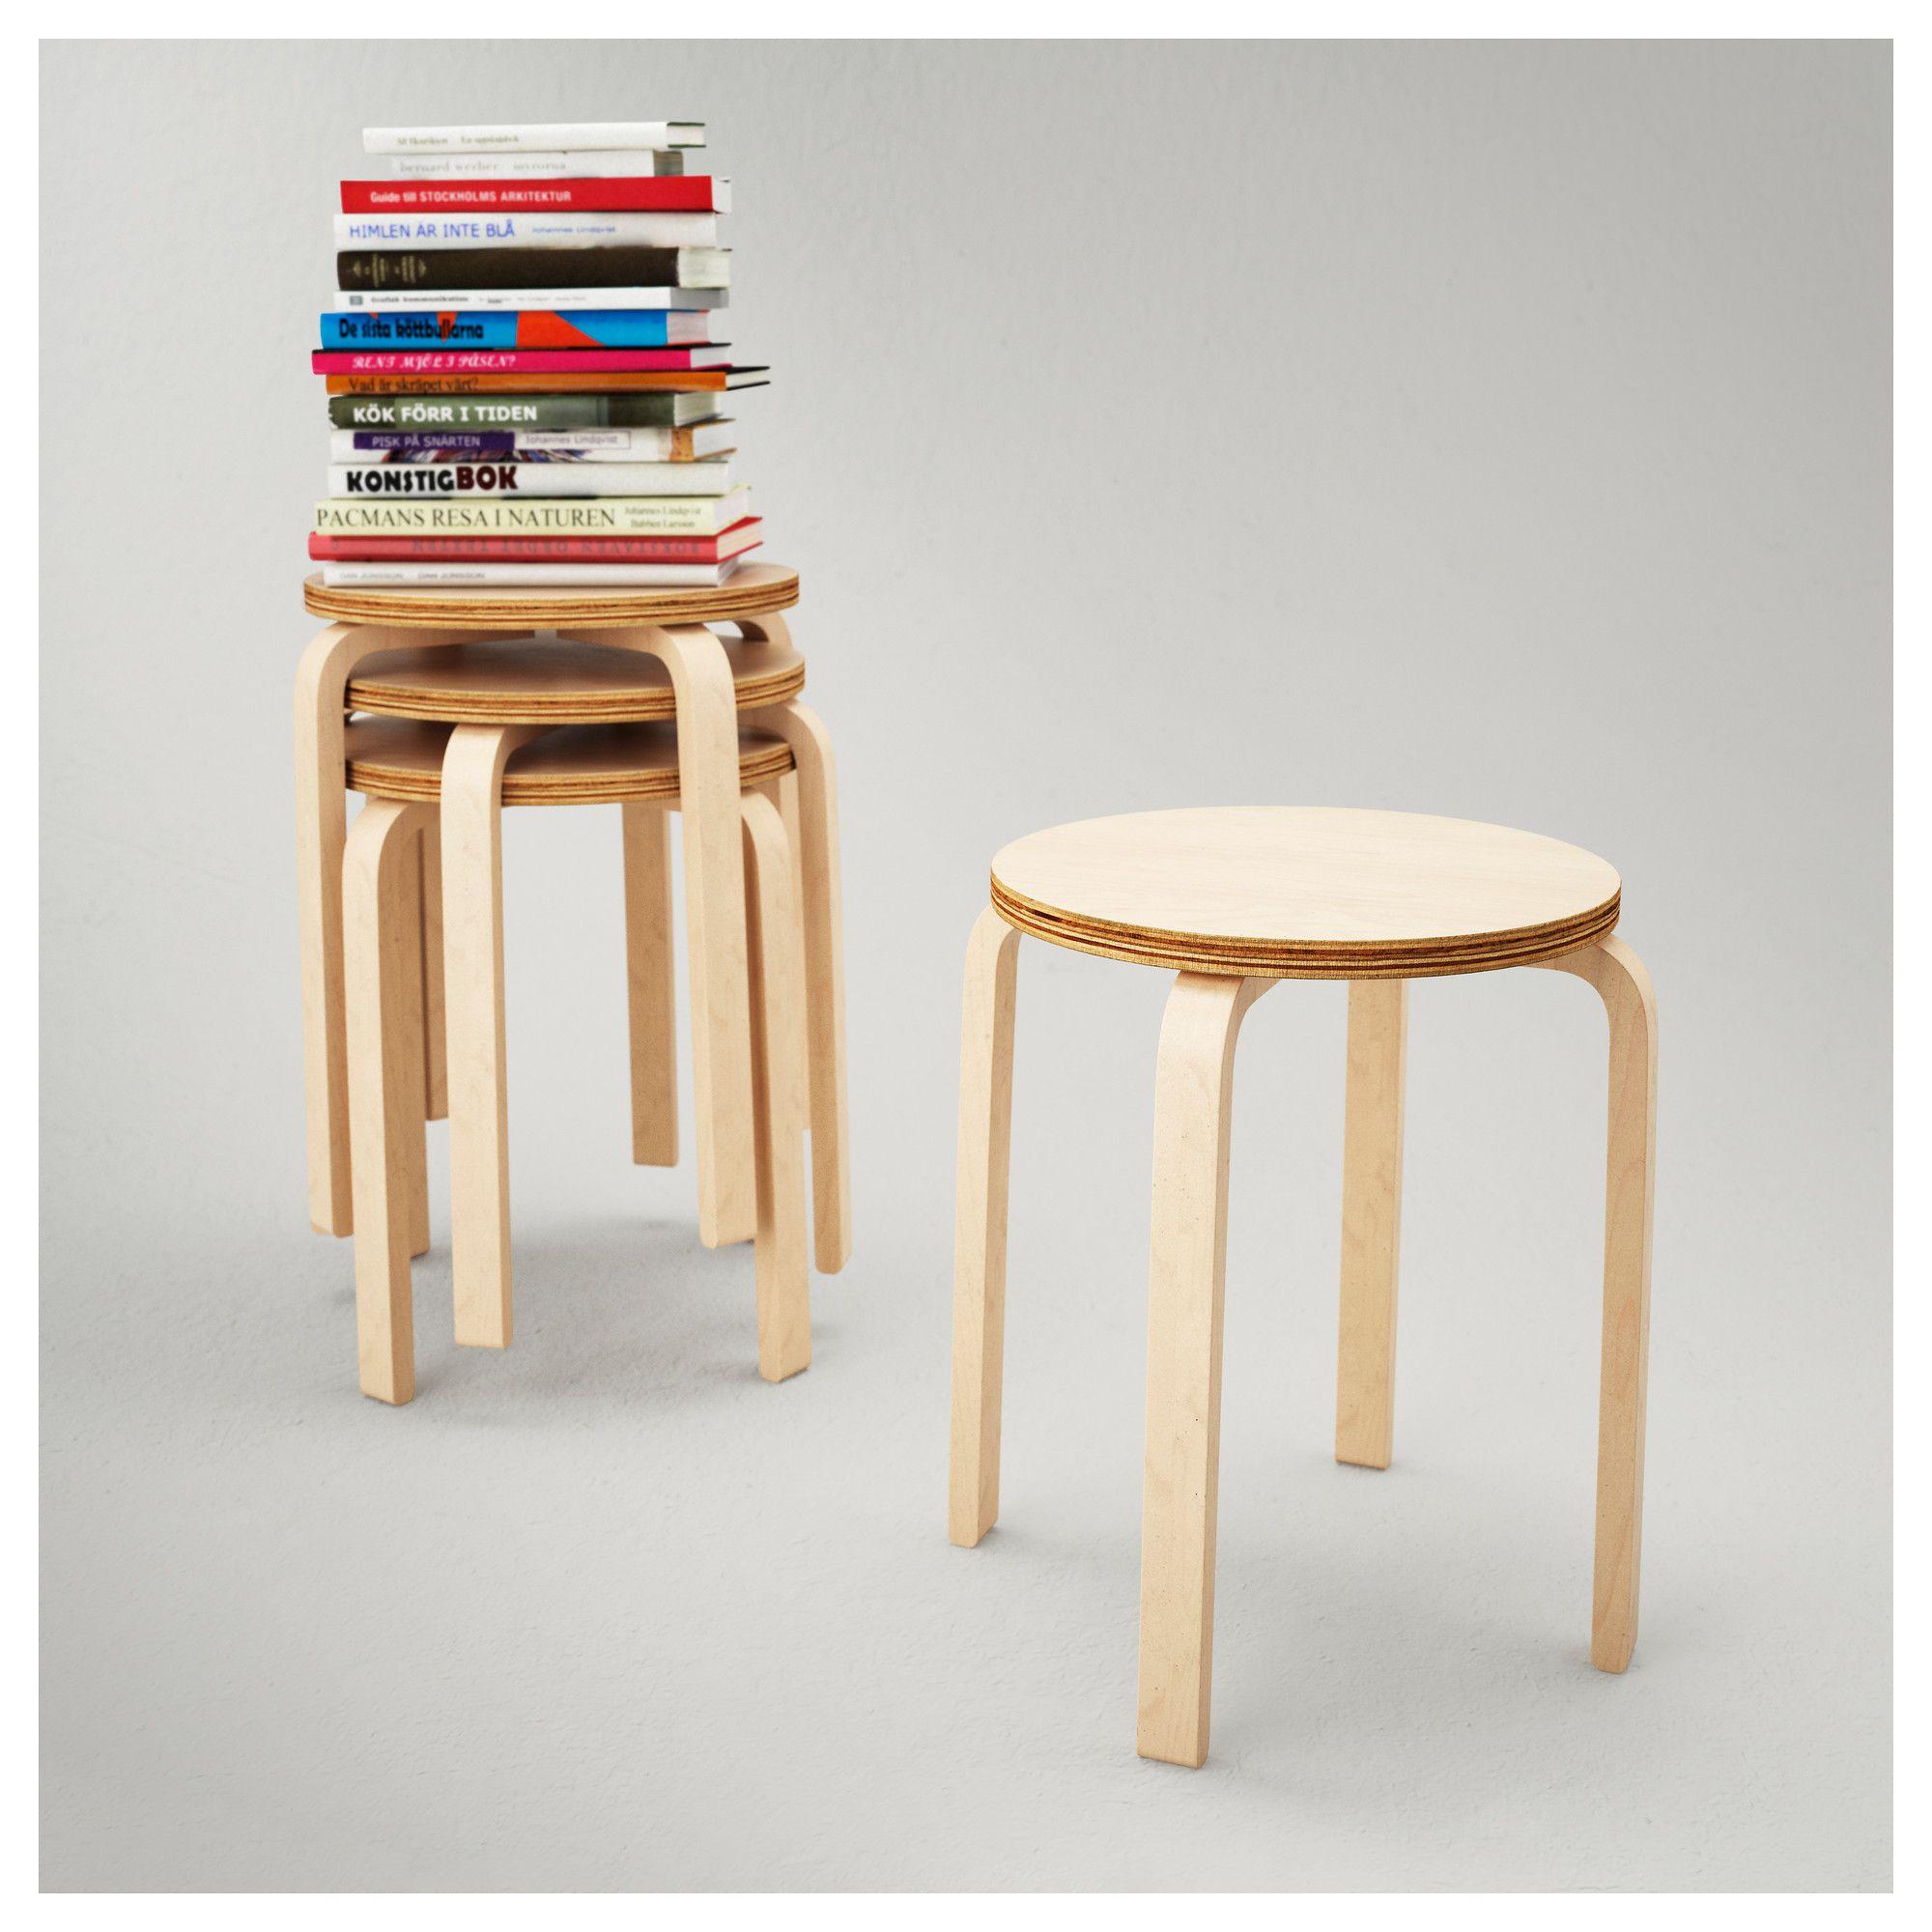 Frosta ό Ikea Ikea Wooden Stool Stool Furniture